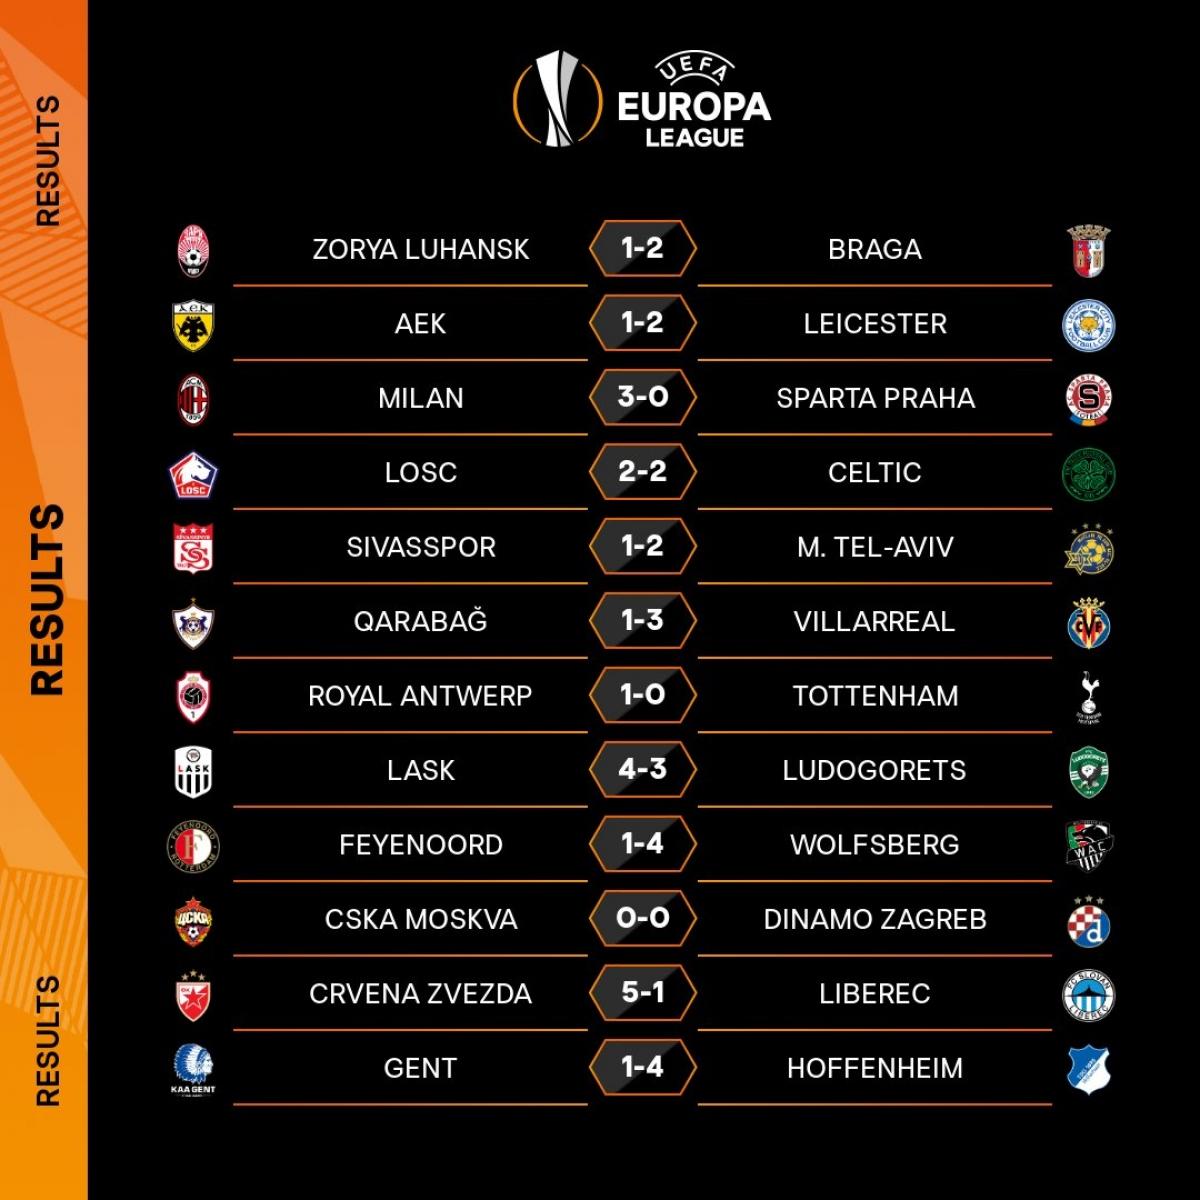 Kết quả loạt trận Europa League diễn ra lúc 0h55 ngày 30/10. (Ảnh: UEFA)